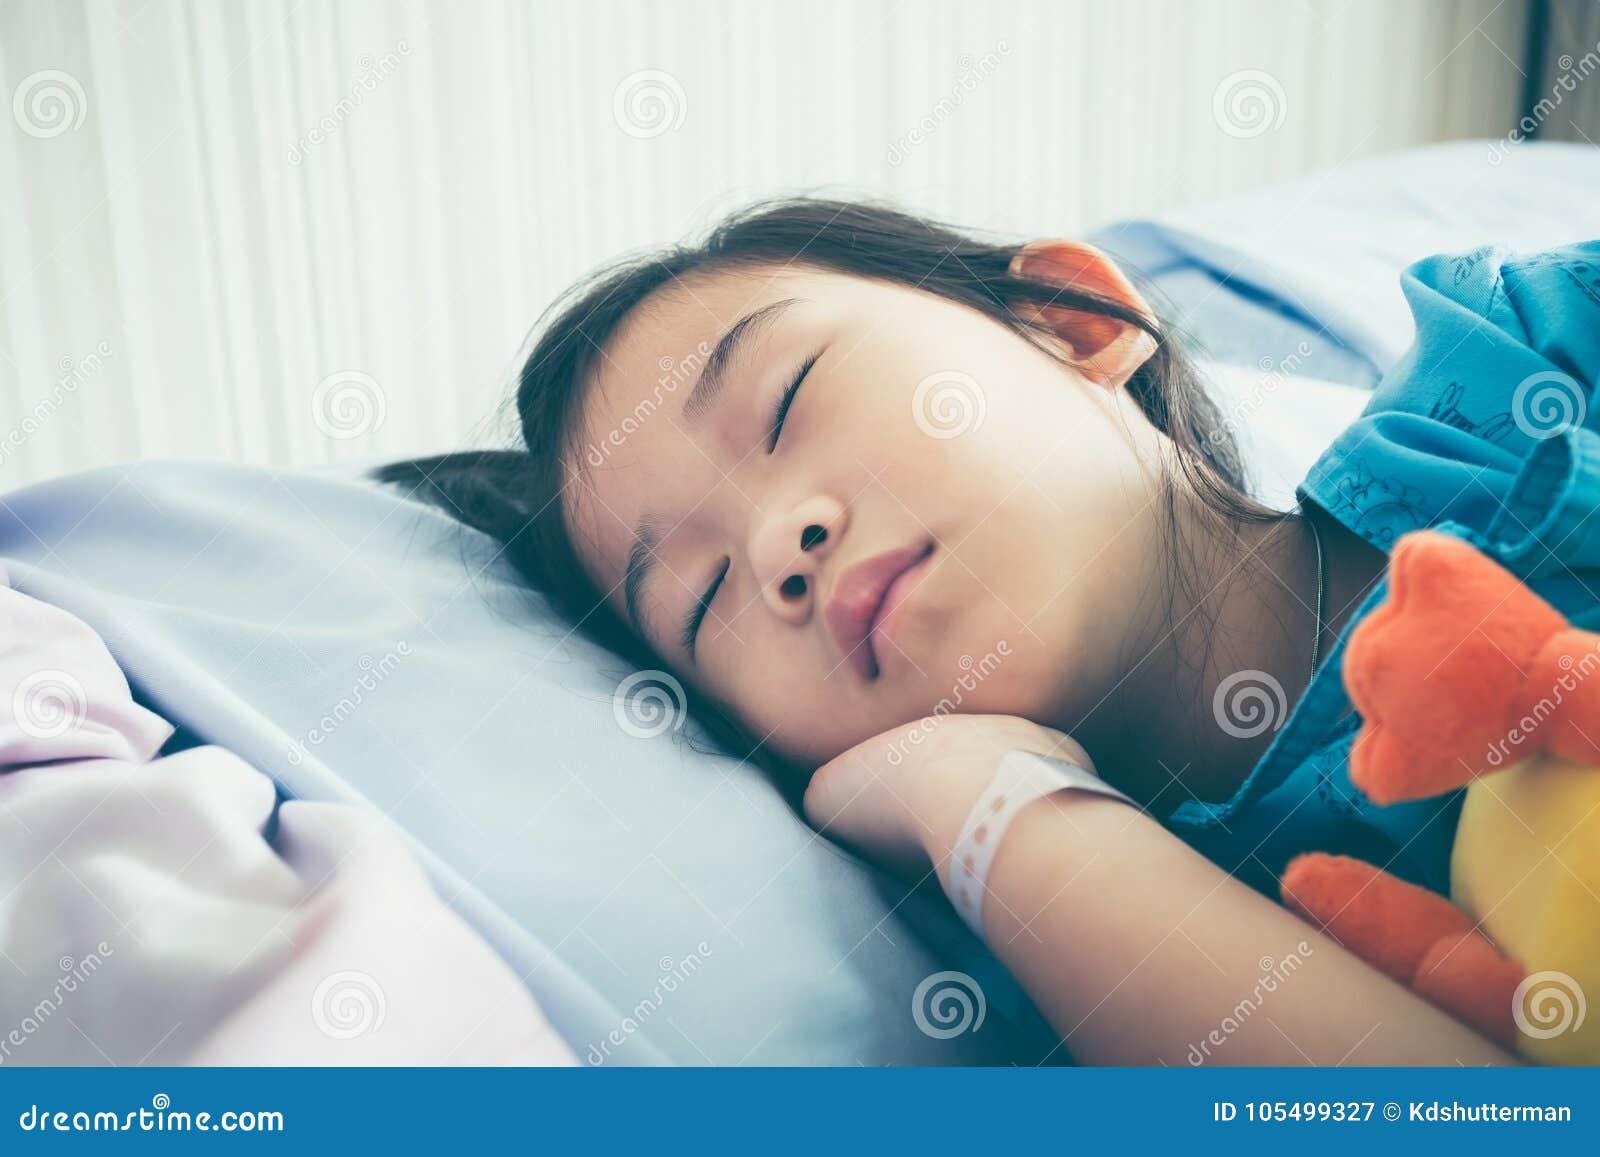 Ребенок болезни азиатский впущенный в больницу Винтажный фильтр фильма ef